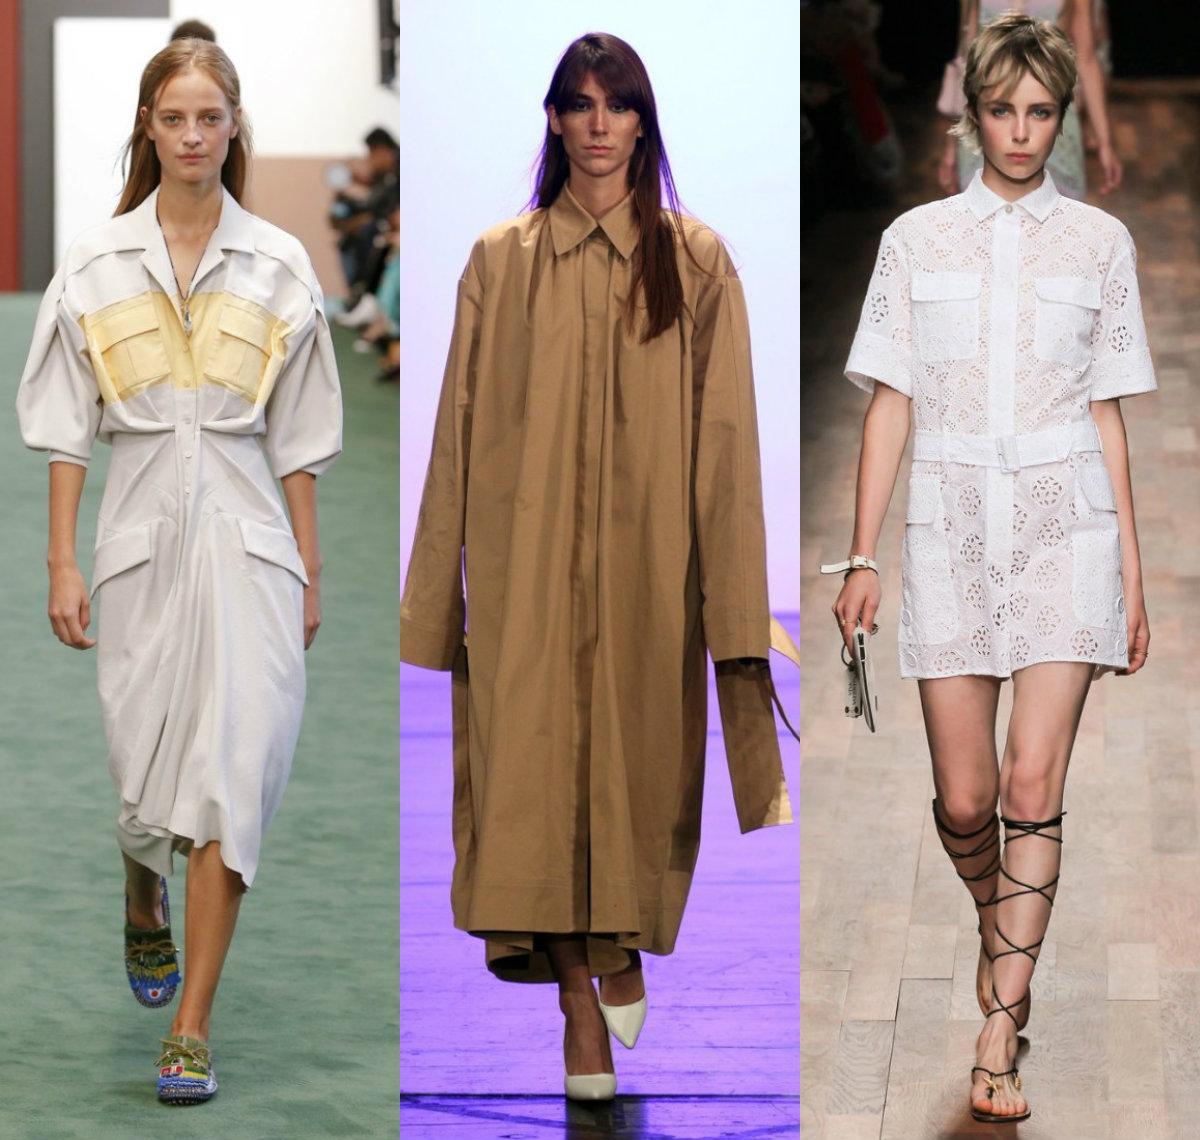 модные тенденции платьев 2019: платья рубашки